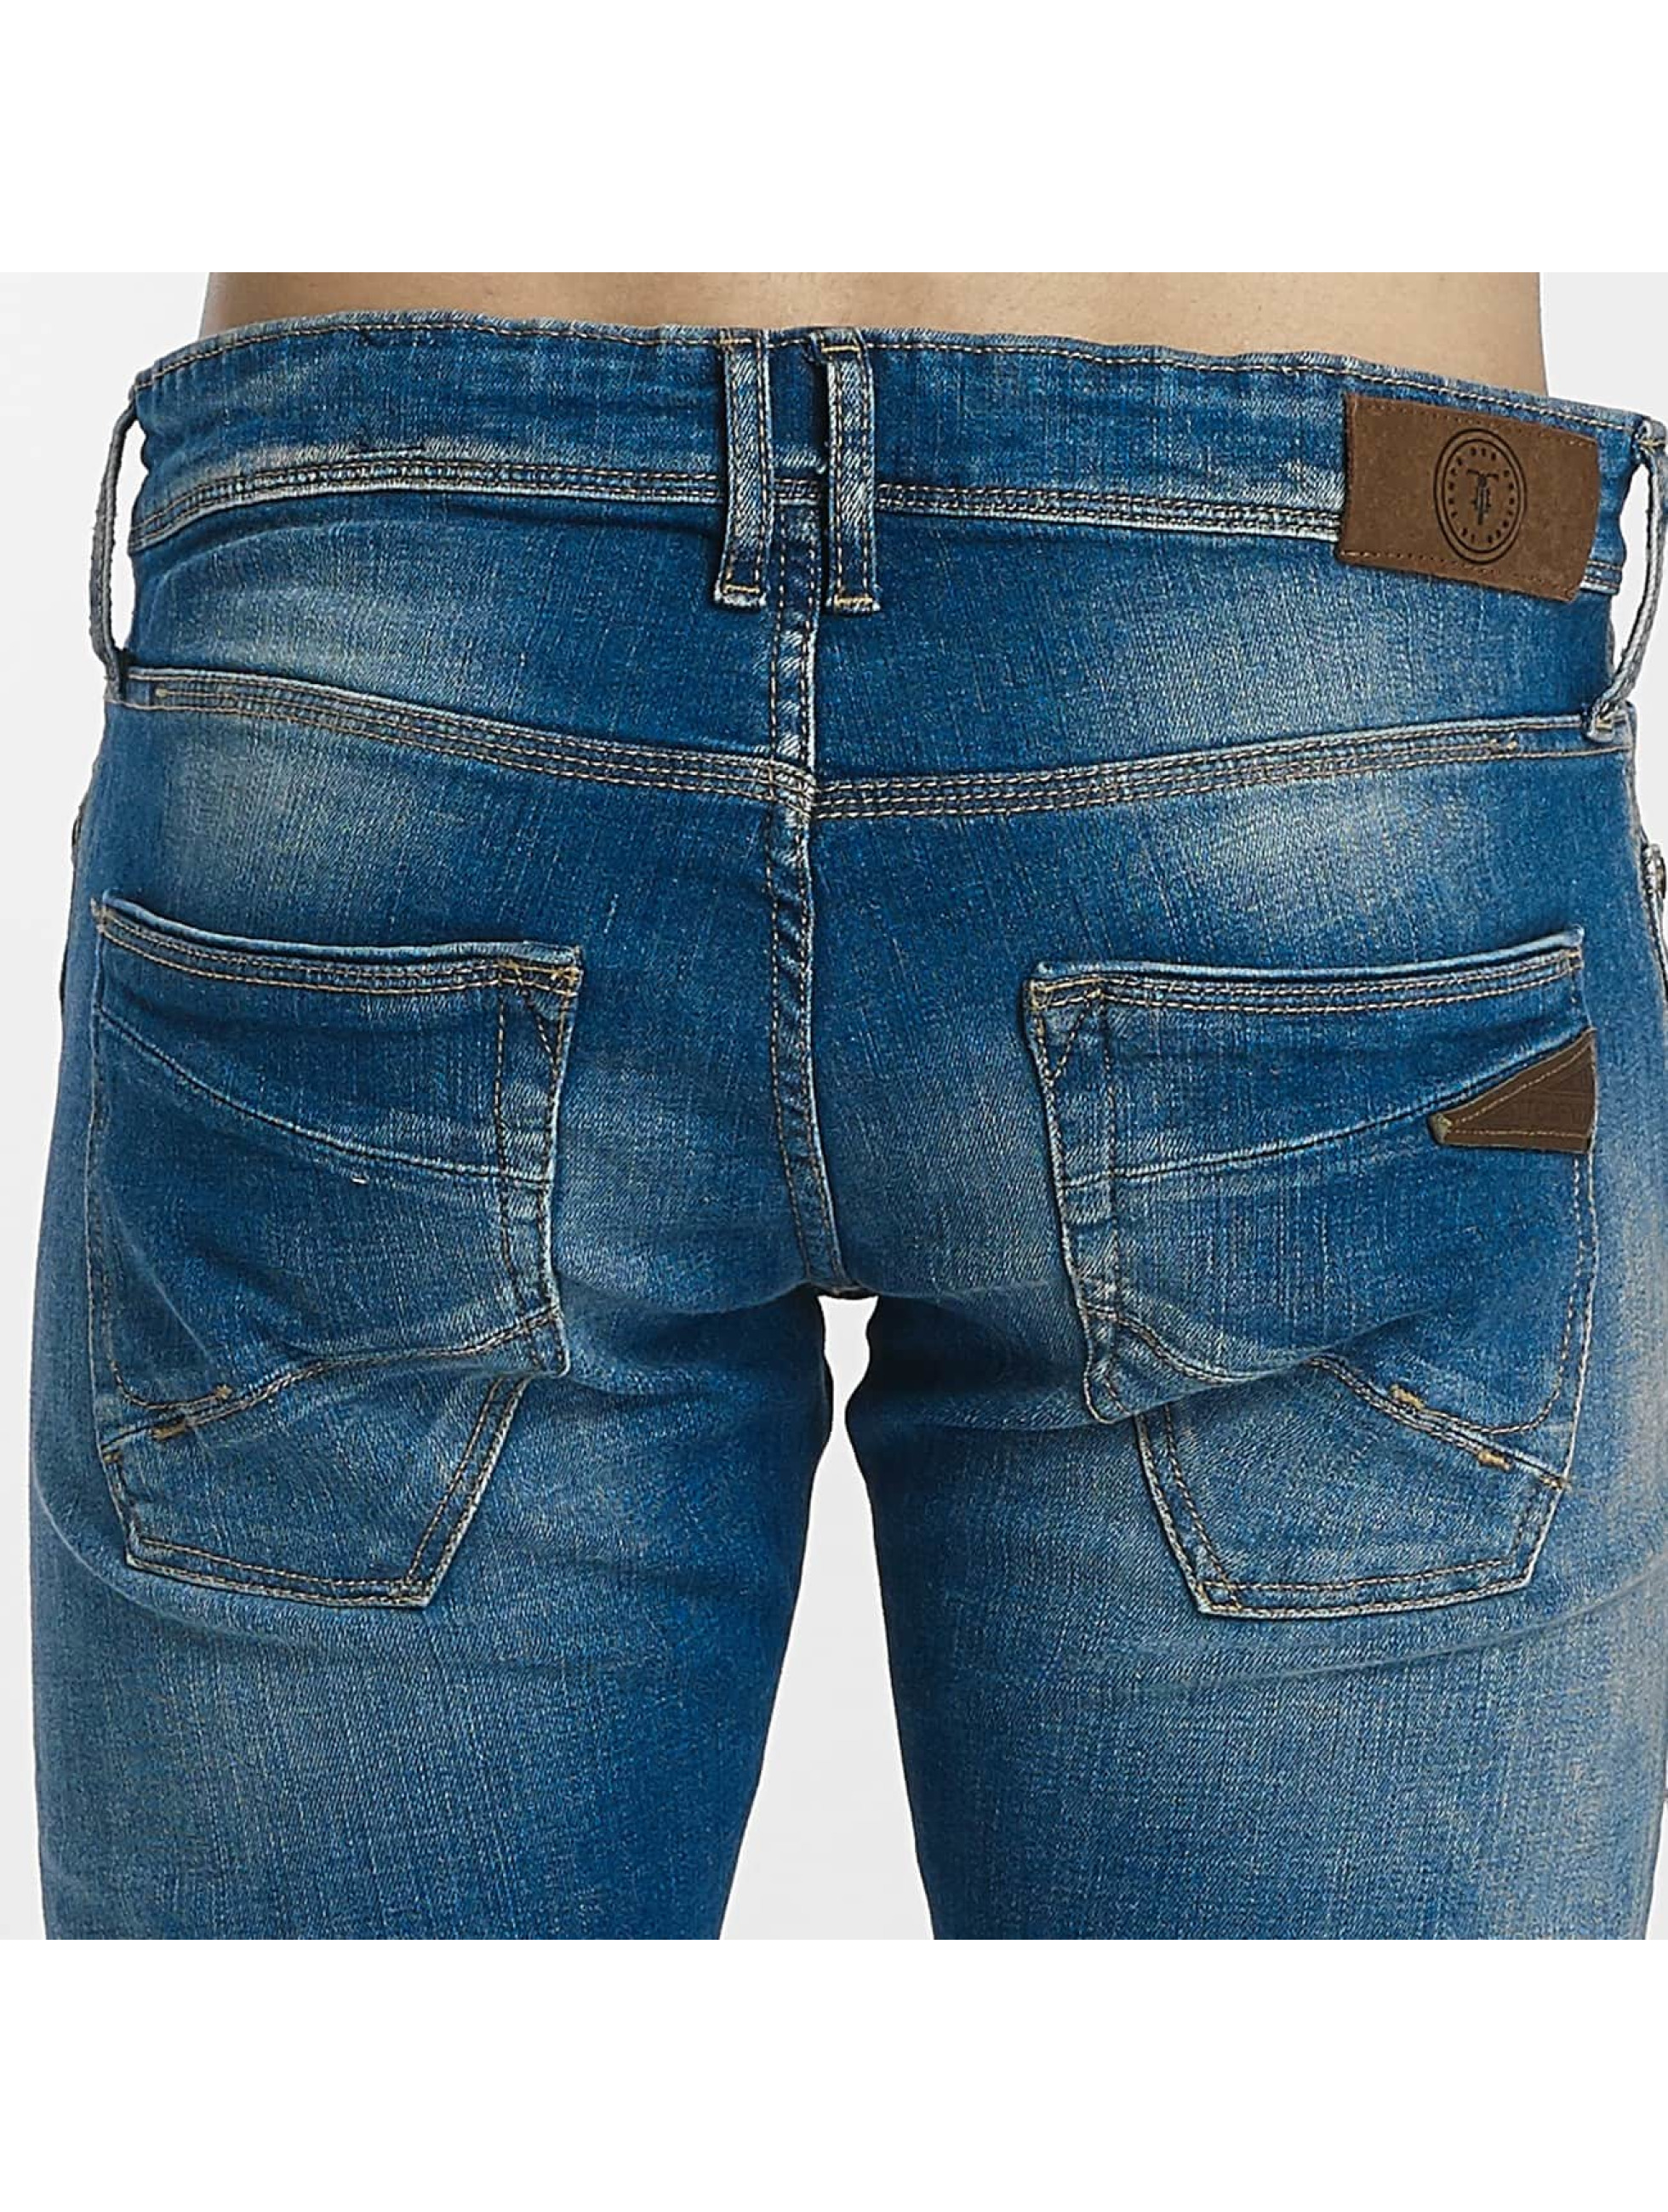 Le Temps Des Cerises Jeans ajustado 700/11 Basic azul